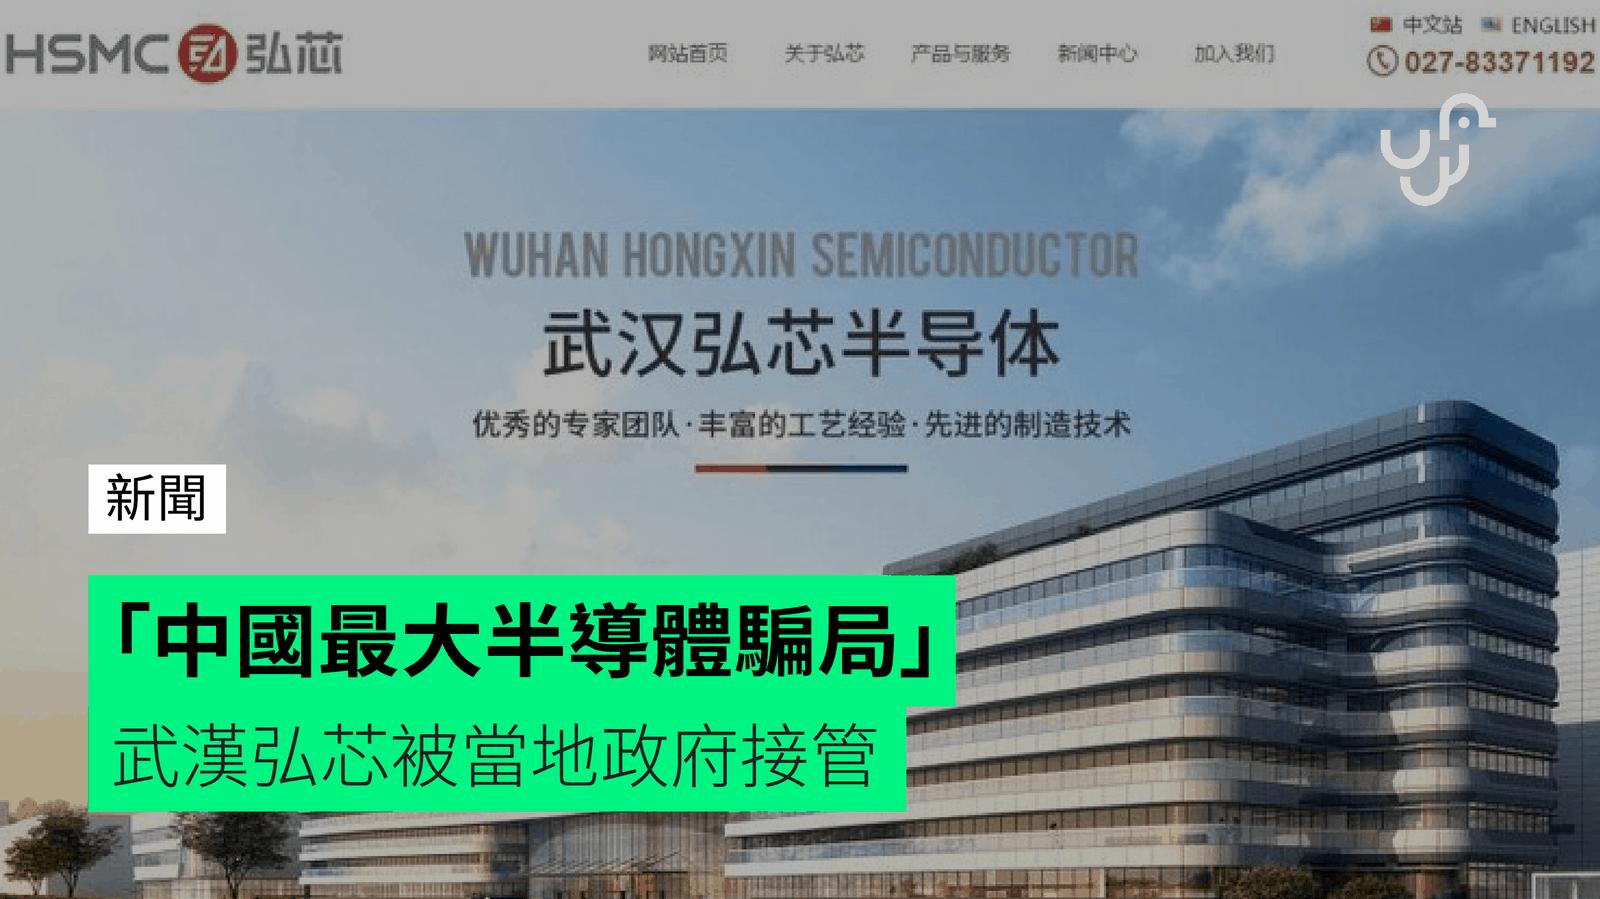 「中國最大半導體騙局」 武漢弘芯被當地政府接管 - 香港 unwire.hk